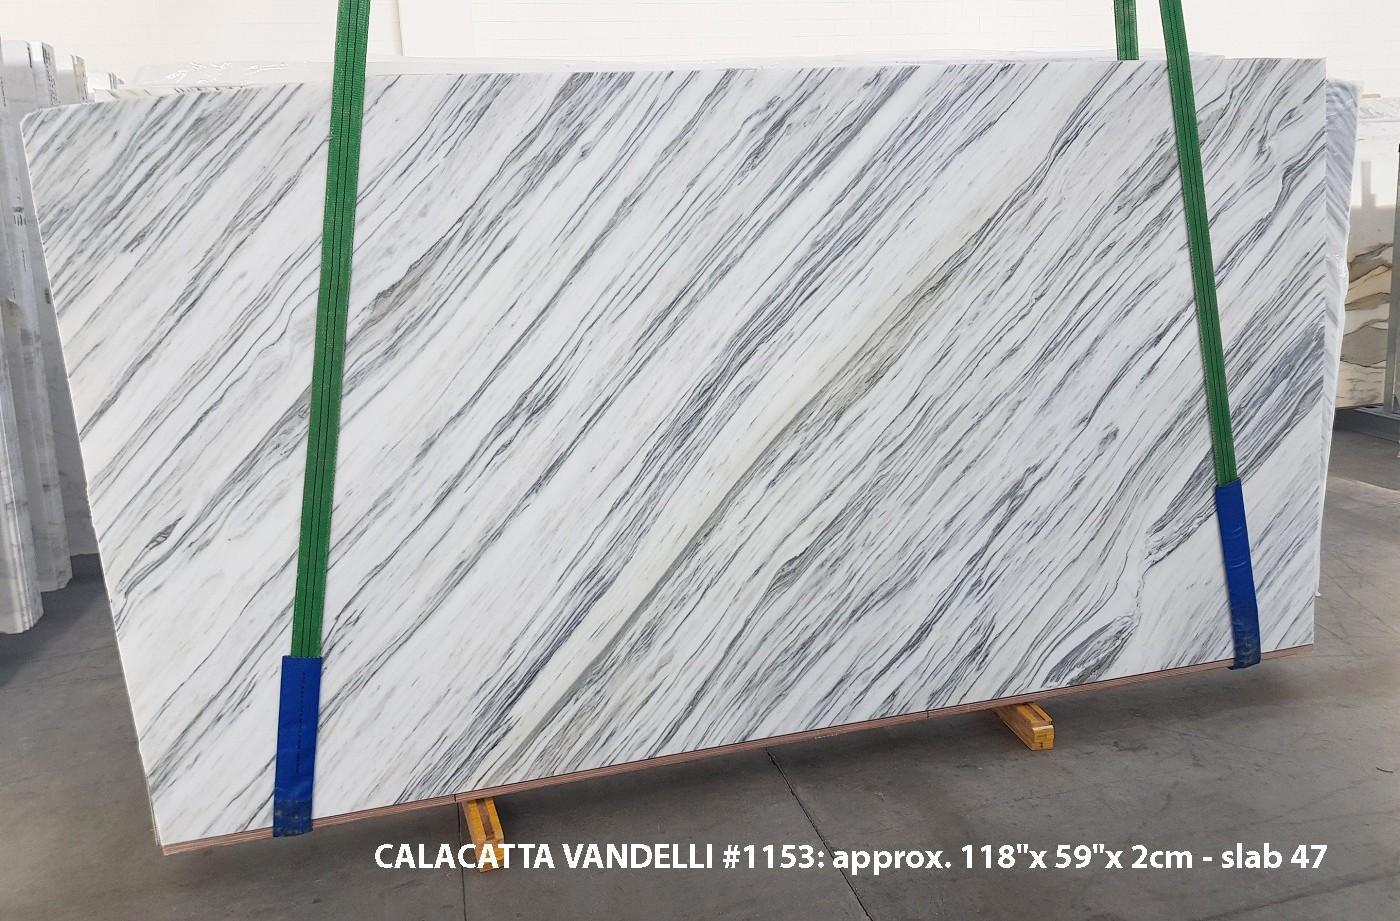 Calacatta Vandelli polierte Unmaßplatten 1153 aus Natur Marmor , Slab #47: Lieferung Veneto, Italien